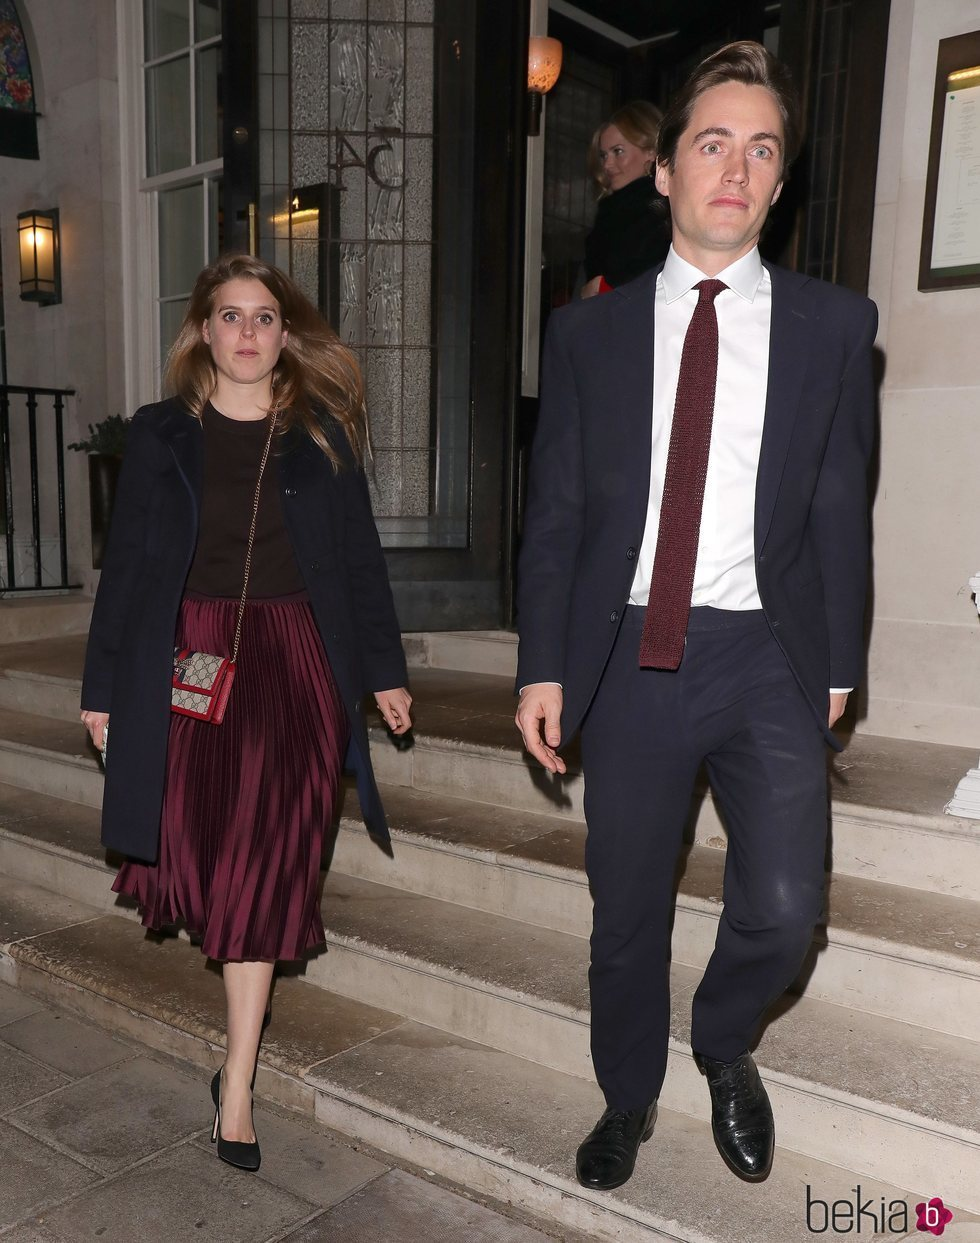 Beatriz de York y Edoardo Mapelli Mozzi tras cenar con Sarah Ferguson